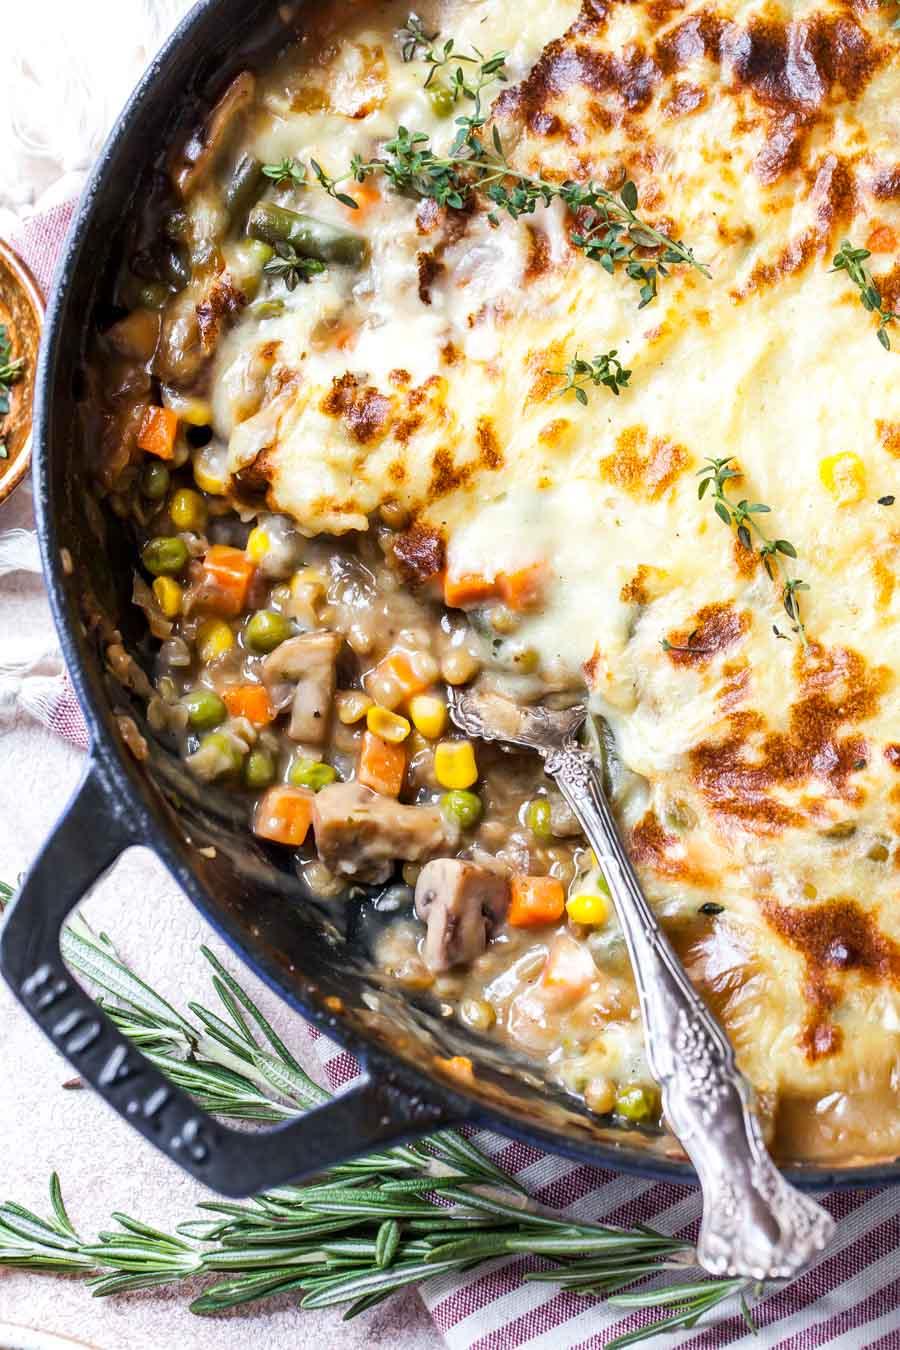 Lentil and Mushroom Shepherd's Pie for Dinner (freezer-friendly)